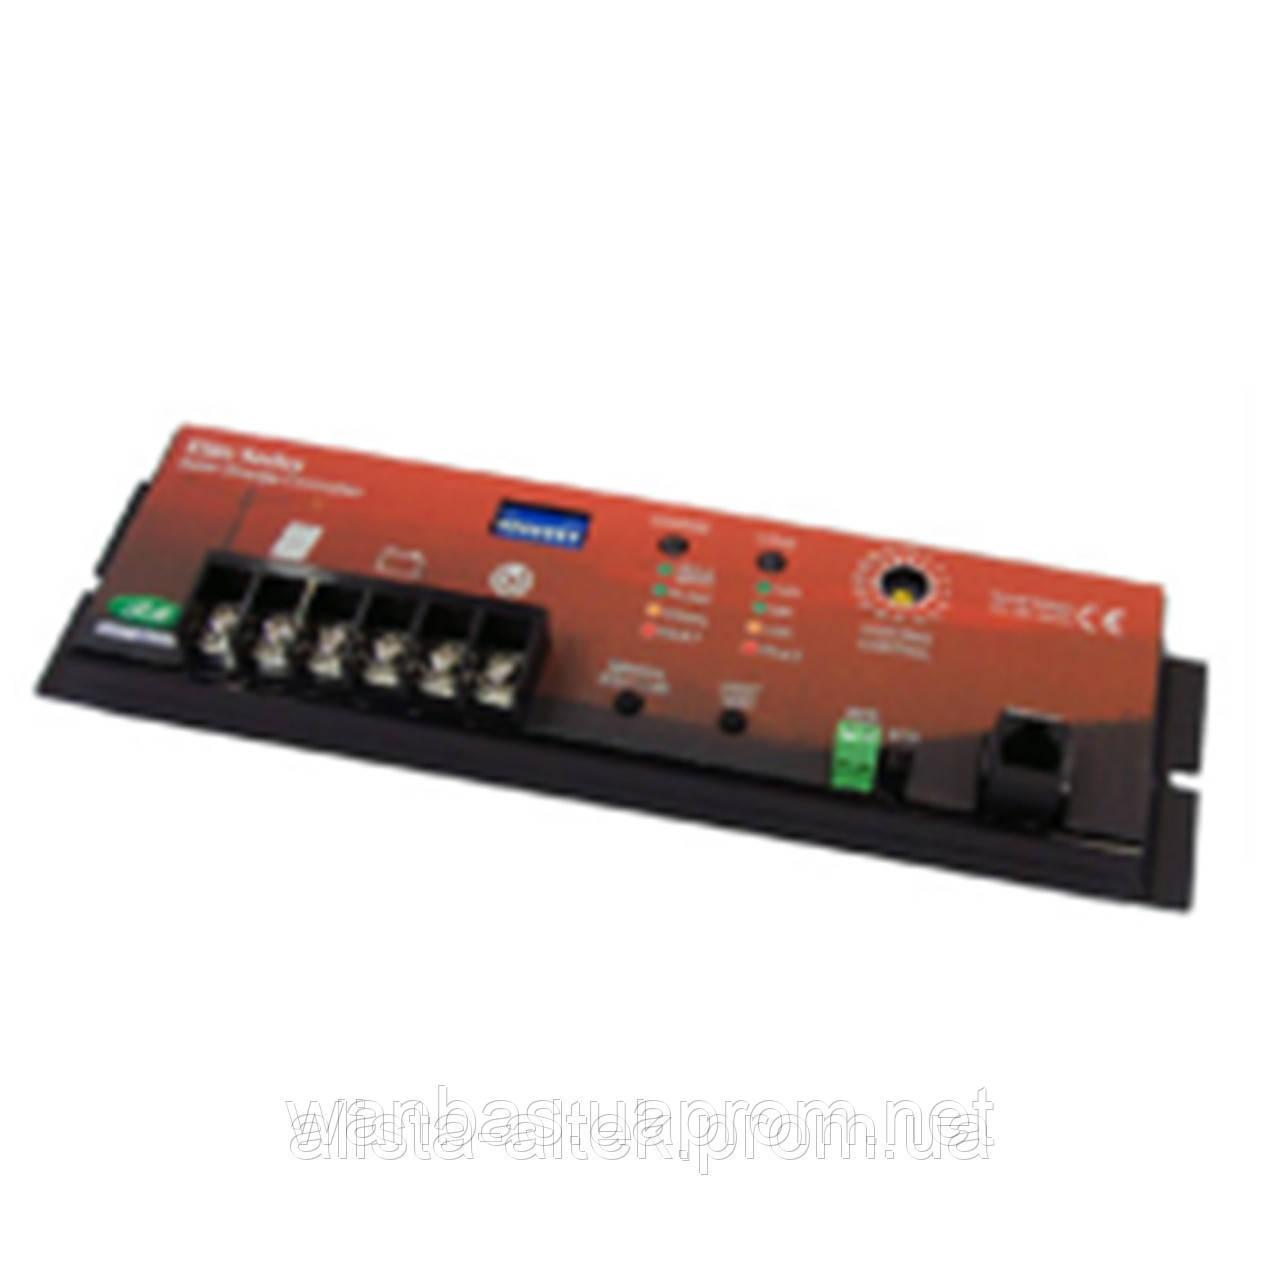 Контроллер заряда аккумуляторных батарей для солнечных модулей PM-SCC-20AE